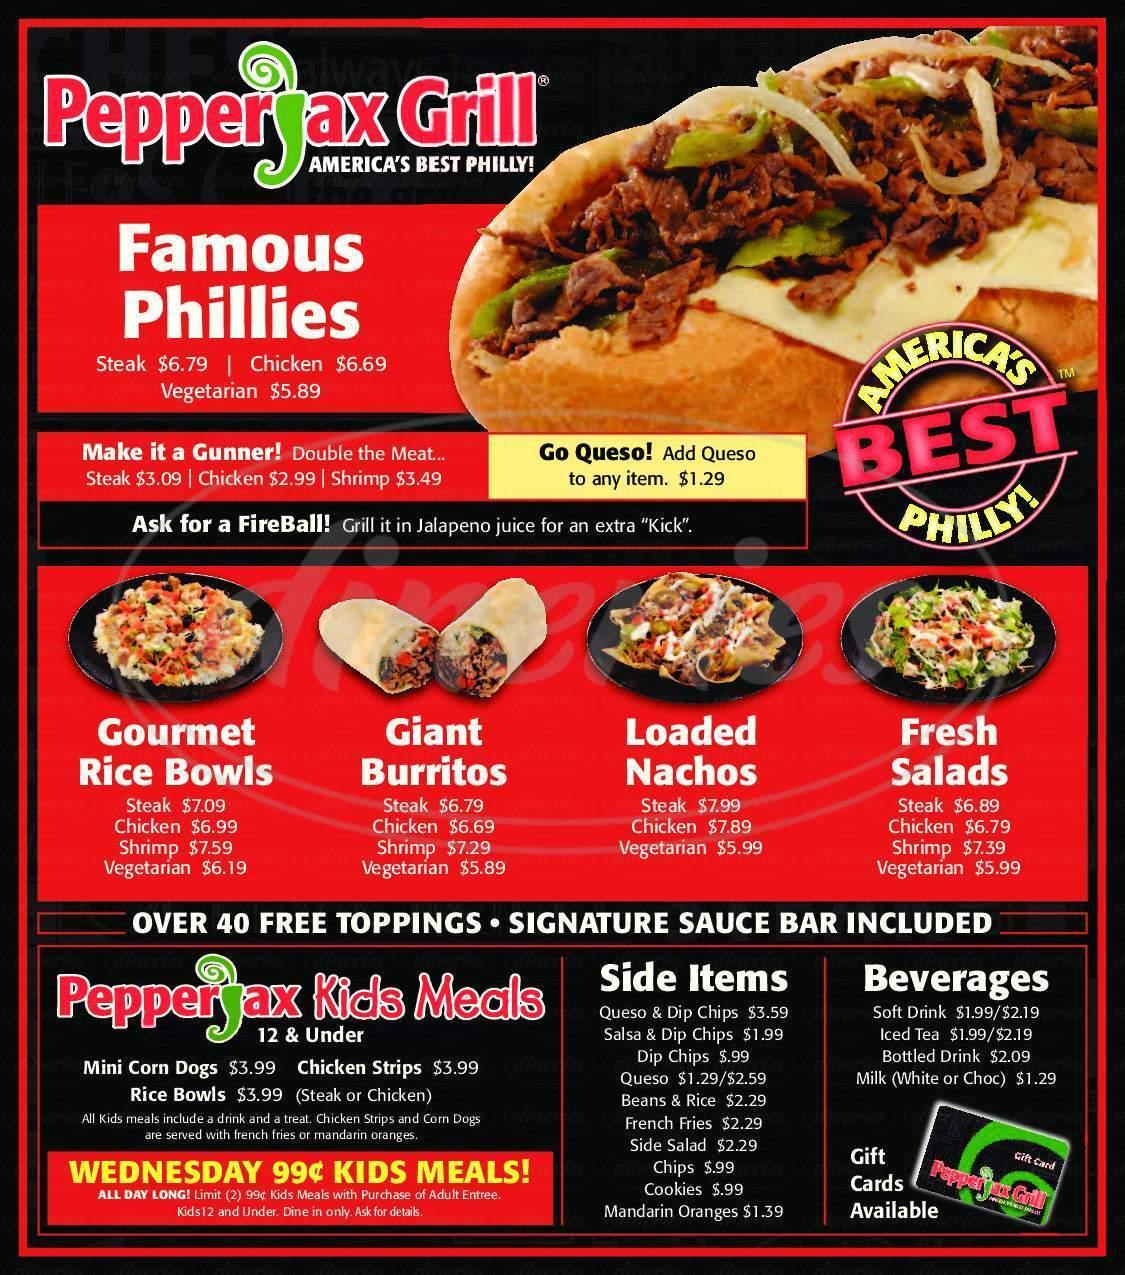 menu for PepperJax Grill